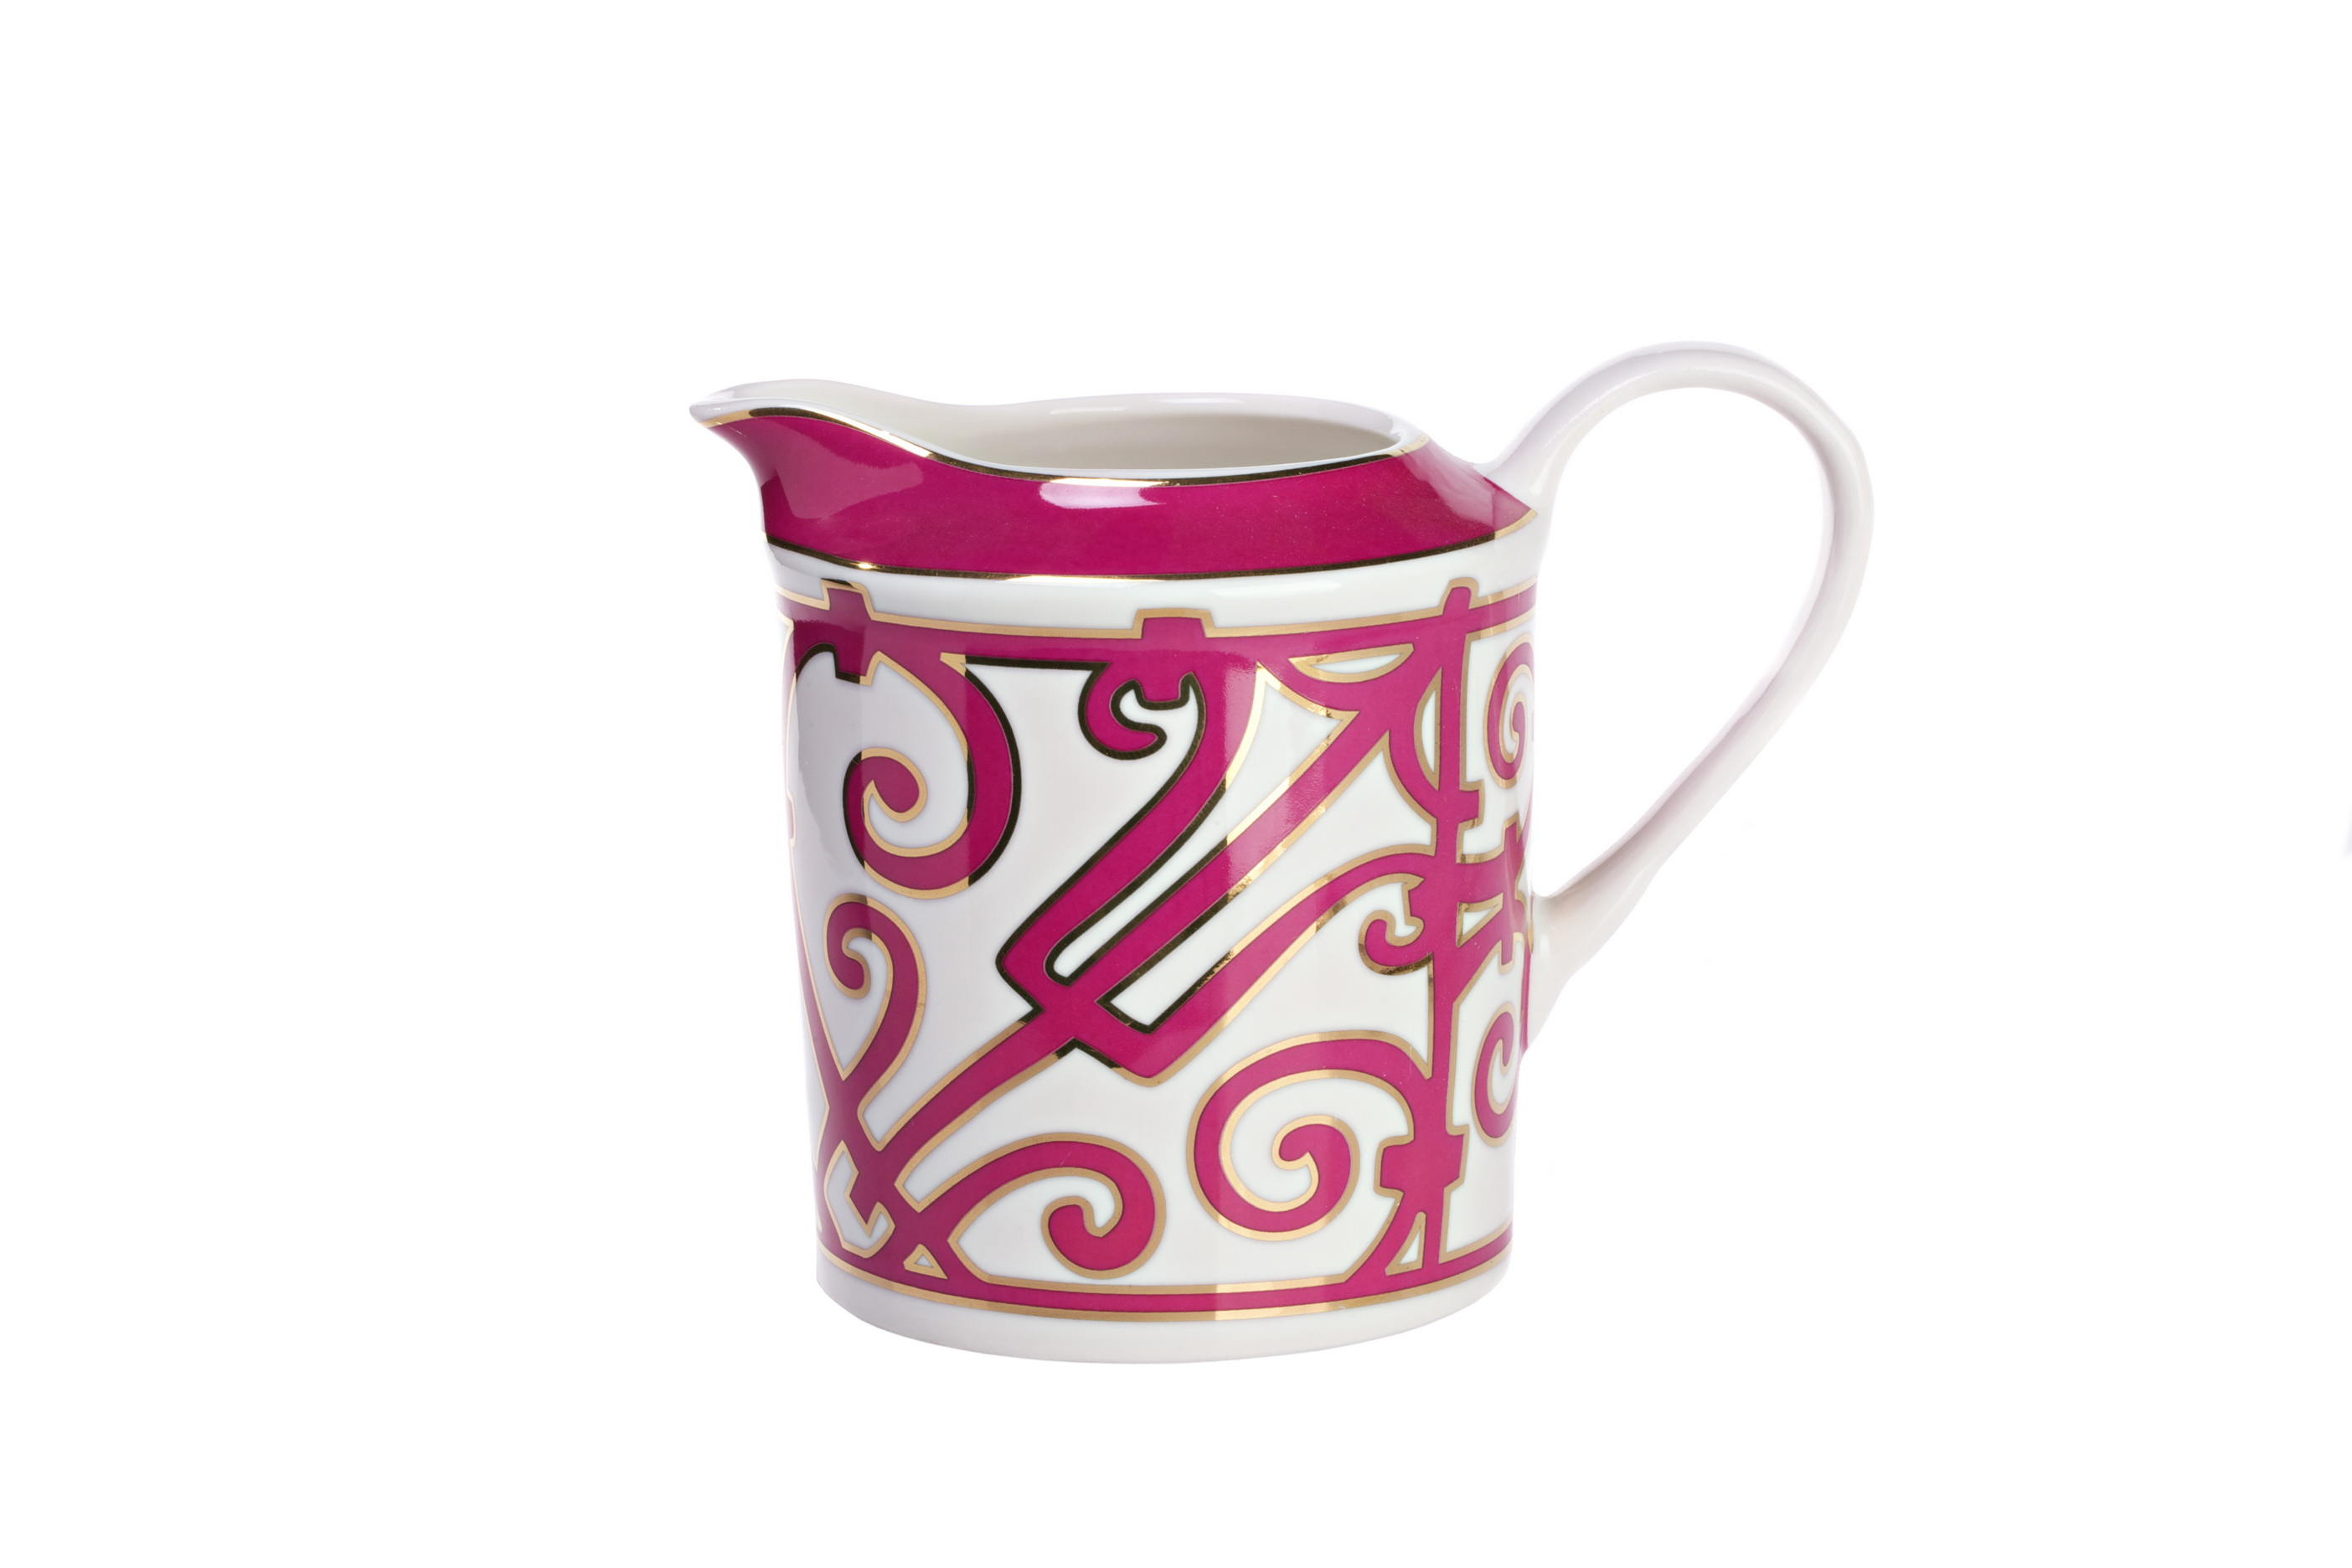 Молочник SiennaКофейники и молочники<br>Элегантный молочник из костяного фарфора коллекции «Sienna» создан для любителей классической чайной церемонии. Простая строгая форма изделия сочетается с замысловатым лиловым орнаментом в стиле модерн (moderne). Изящная ручка позволяет удобно удерживать молочник в руке, а носик сконструирован таким образом, чтобы не дать молоку пролиться. <br>Изделия данной серии придают сервировке особую тожественность и благородство. Идеальная белизна фарфора удачно контрастирует с насыщенной и яркой отделкой.<br>Вы можете приобрести молочник отдельно, а также в комплекте с другими предметами коллекции «Sienna».<br><br>Material: Фарфор<br>Width см: 12<br>Depth см: 9<br>Height см: 14